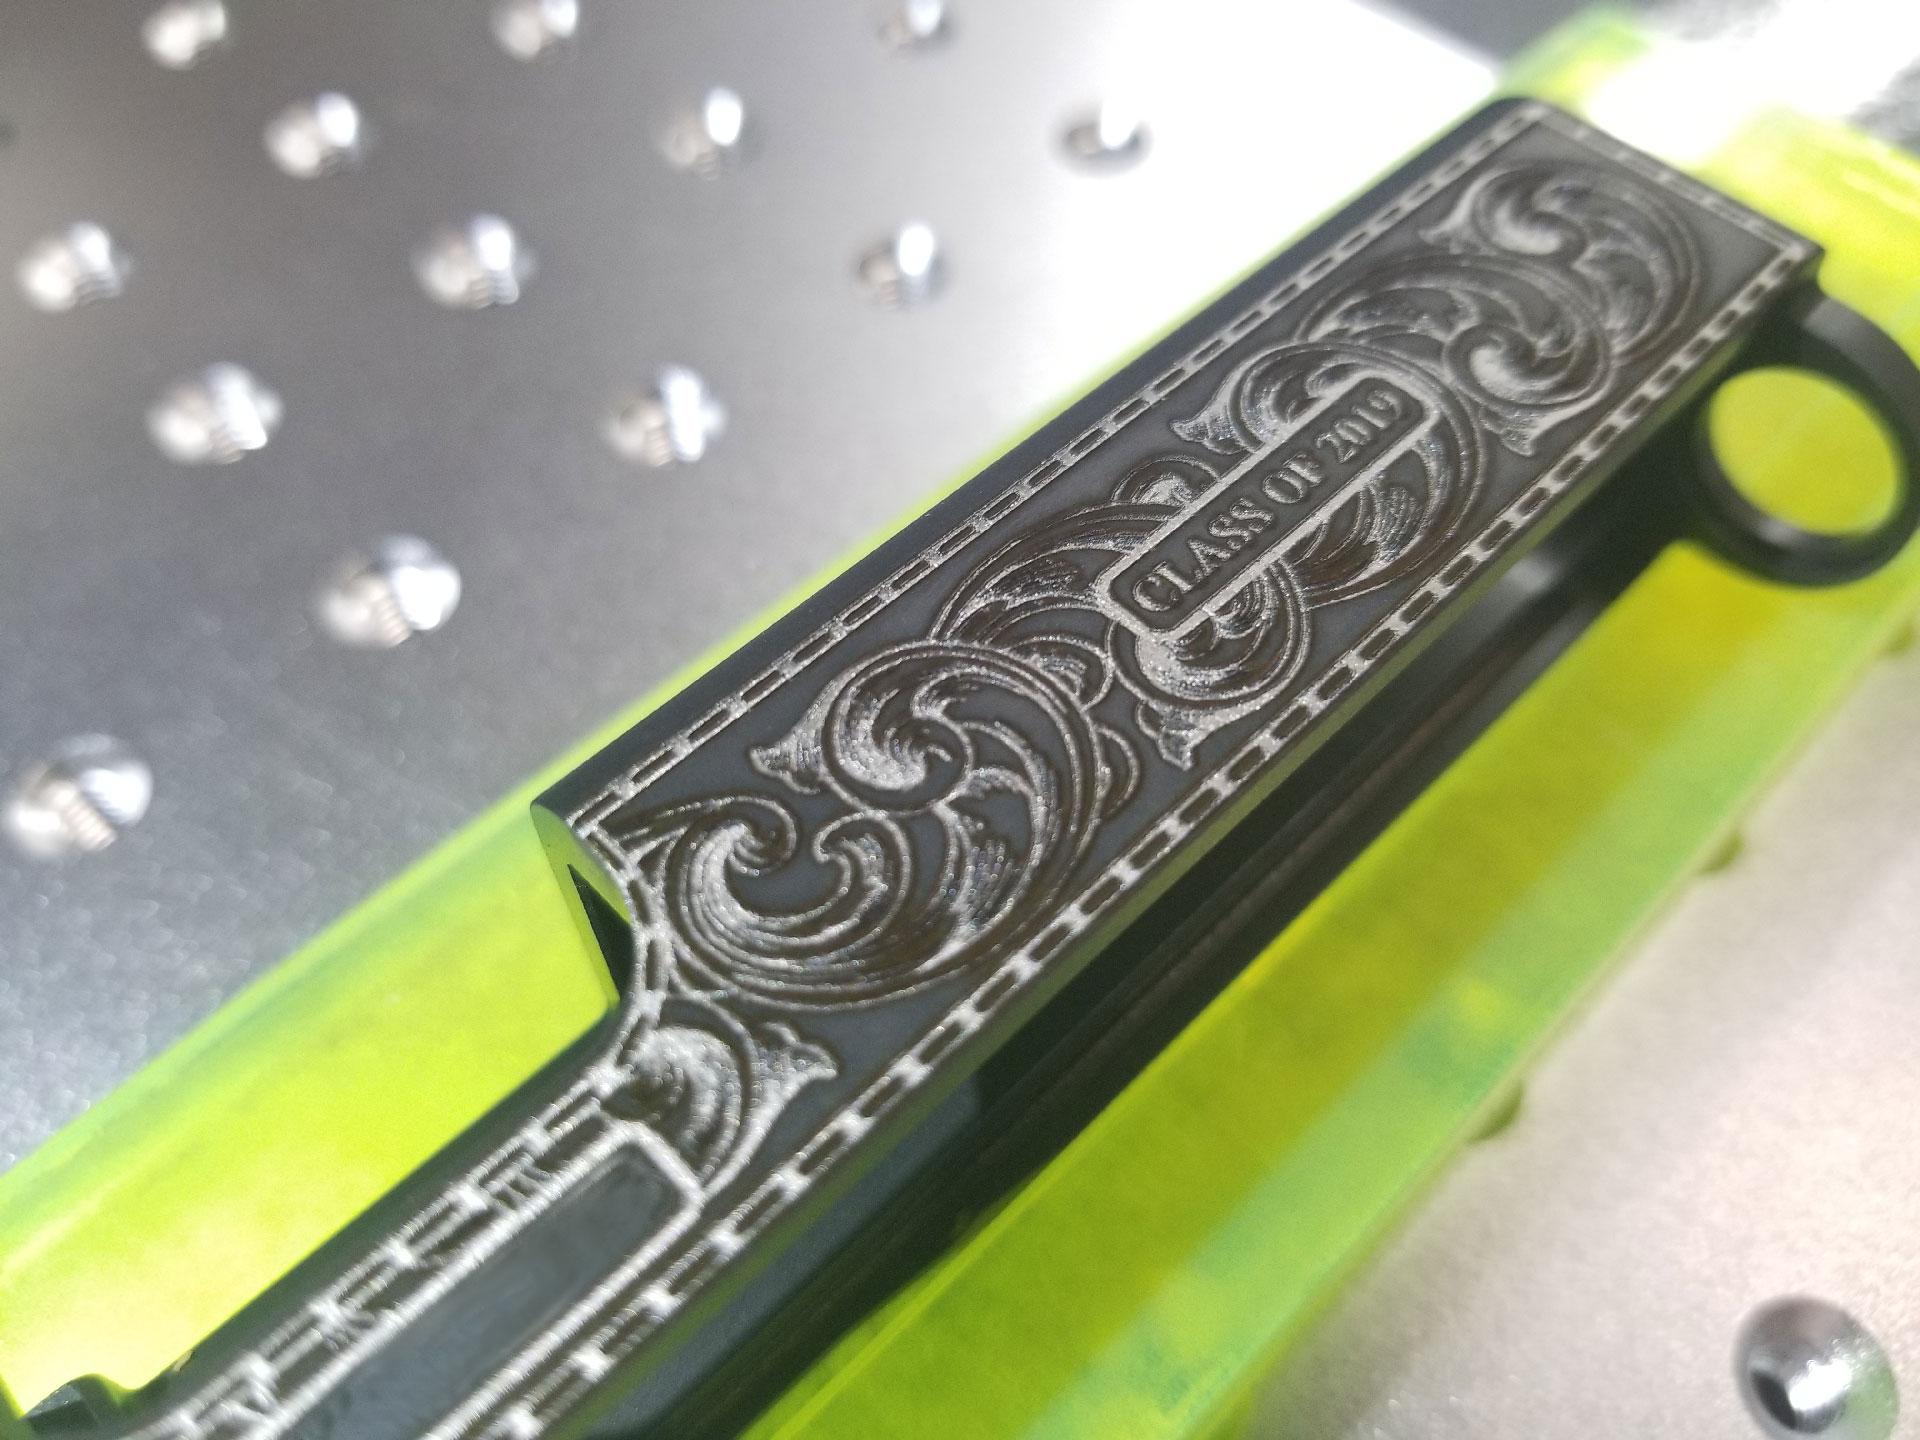 Pistol Slide Engraving - Glock Slide Engraving - Custom Slide Engraving - Custom Firearm Engraving - Engrave It Houston